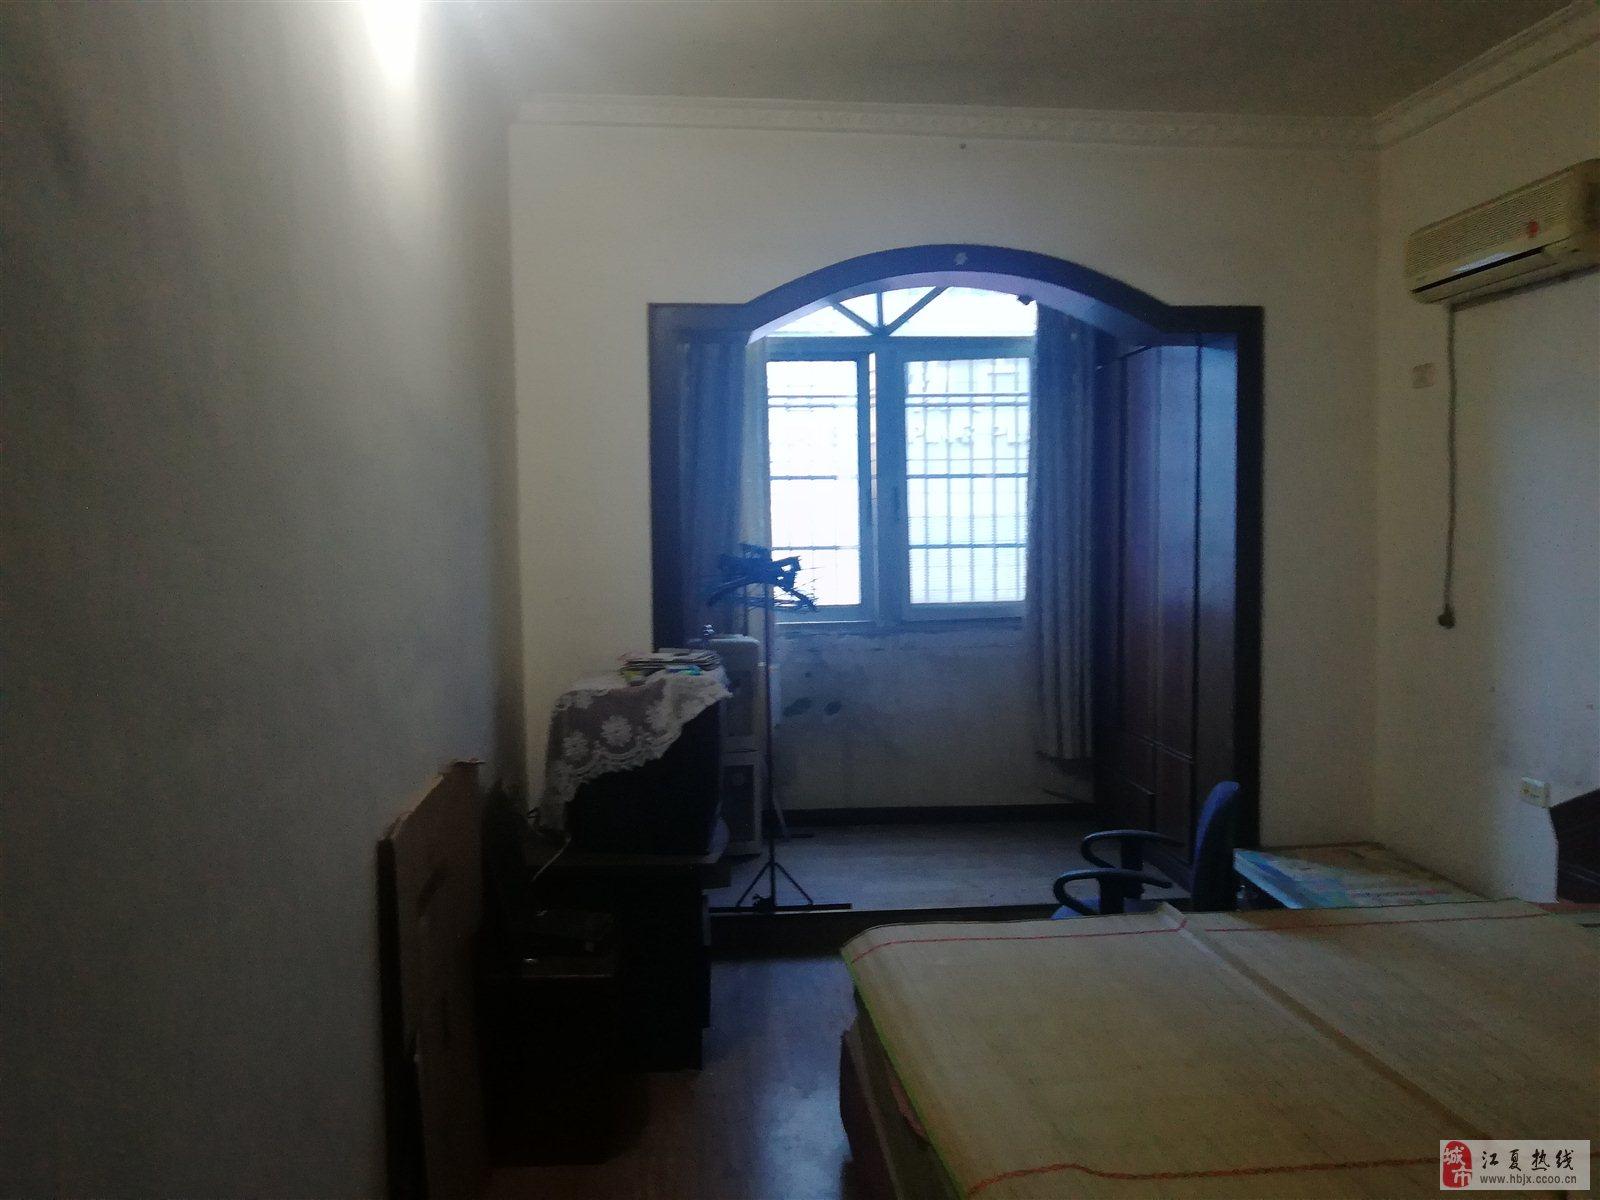 五交化公司宿舍楼2室2厅1卫48万元